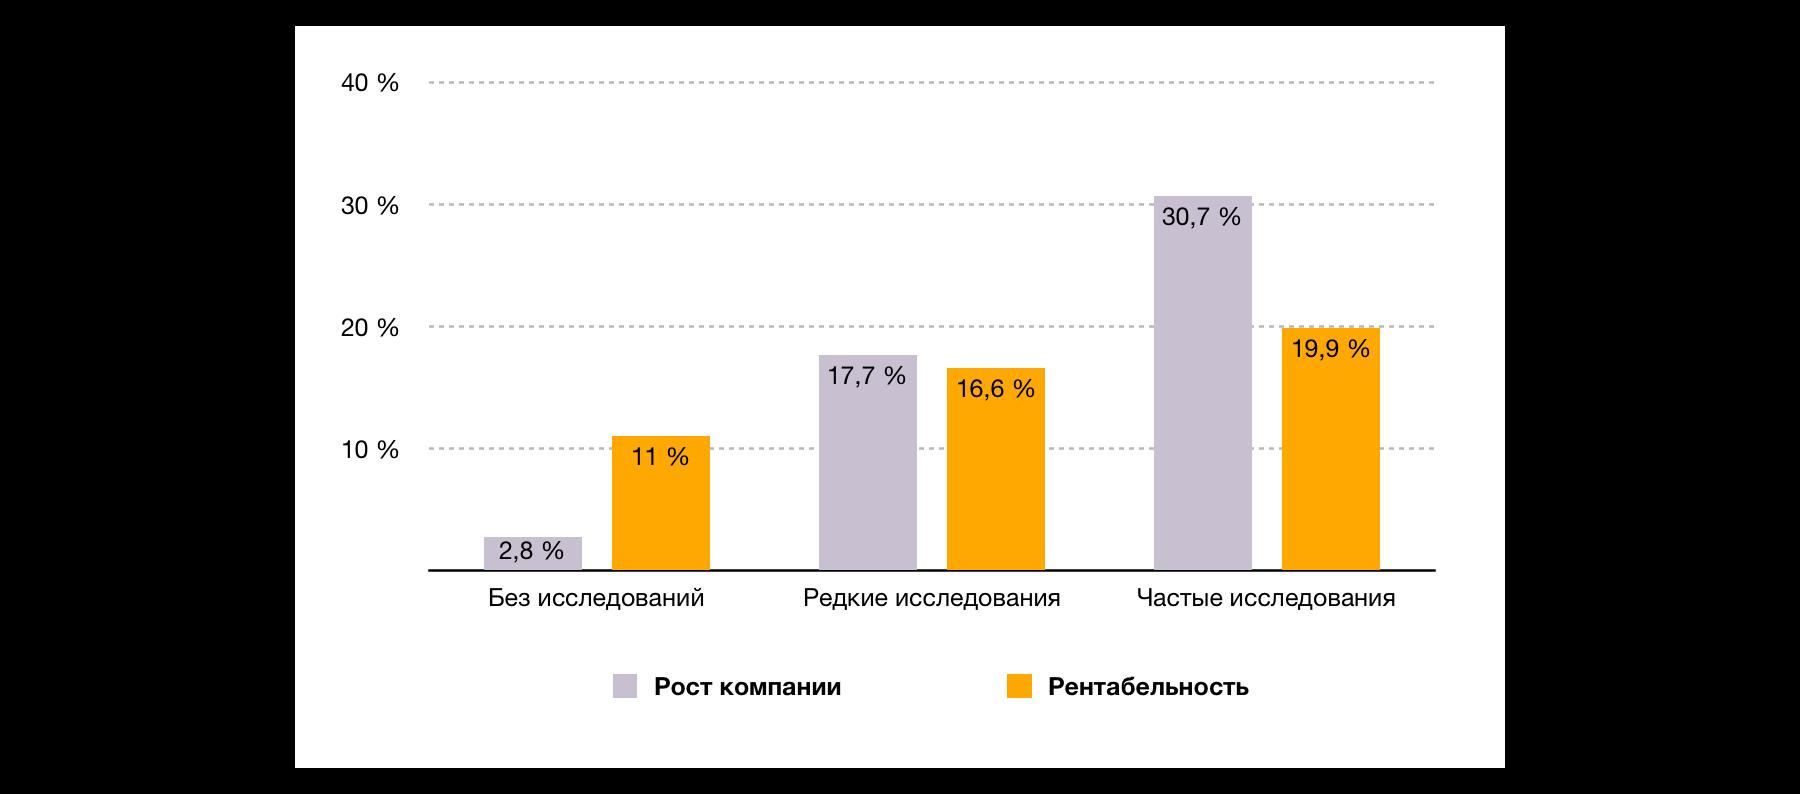 Генерация лидов: У компаний, которые регулярно проводят исследования, рентабельность в 10 раз выше